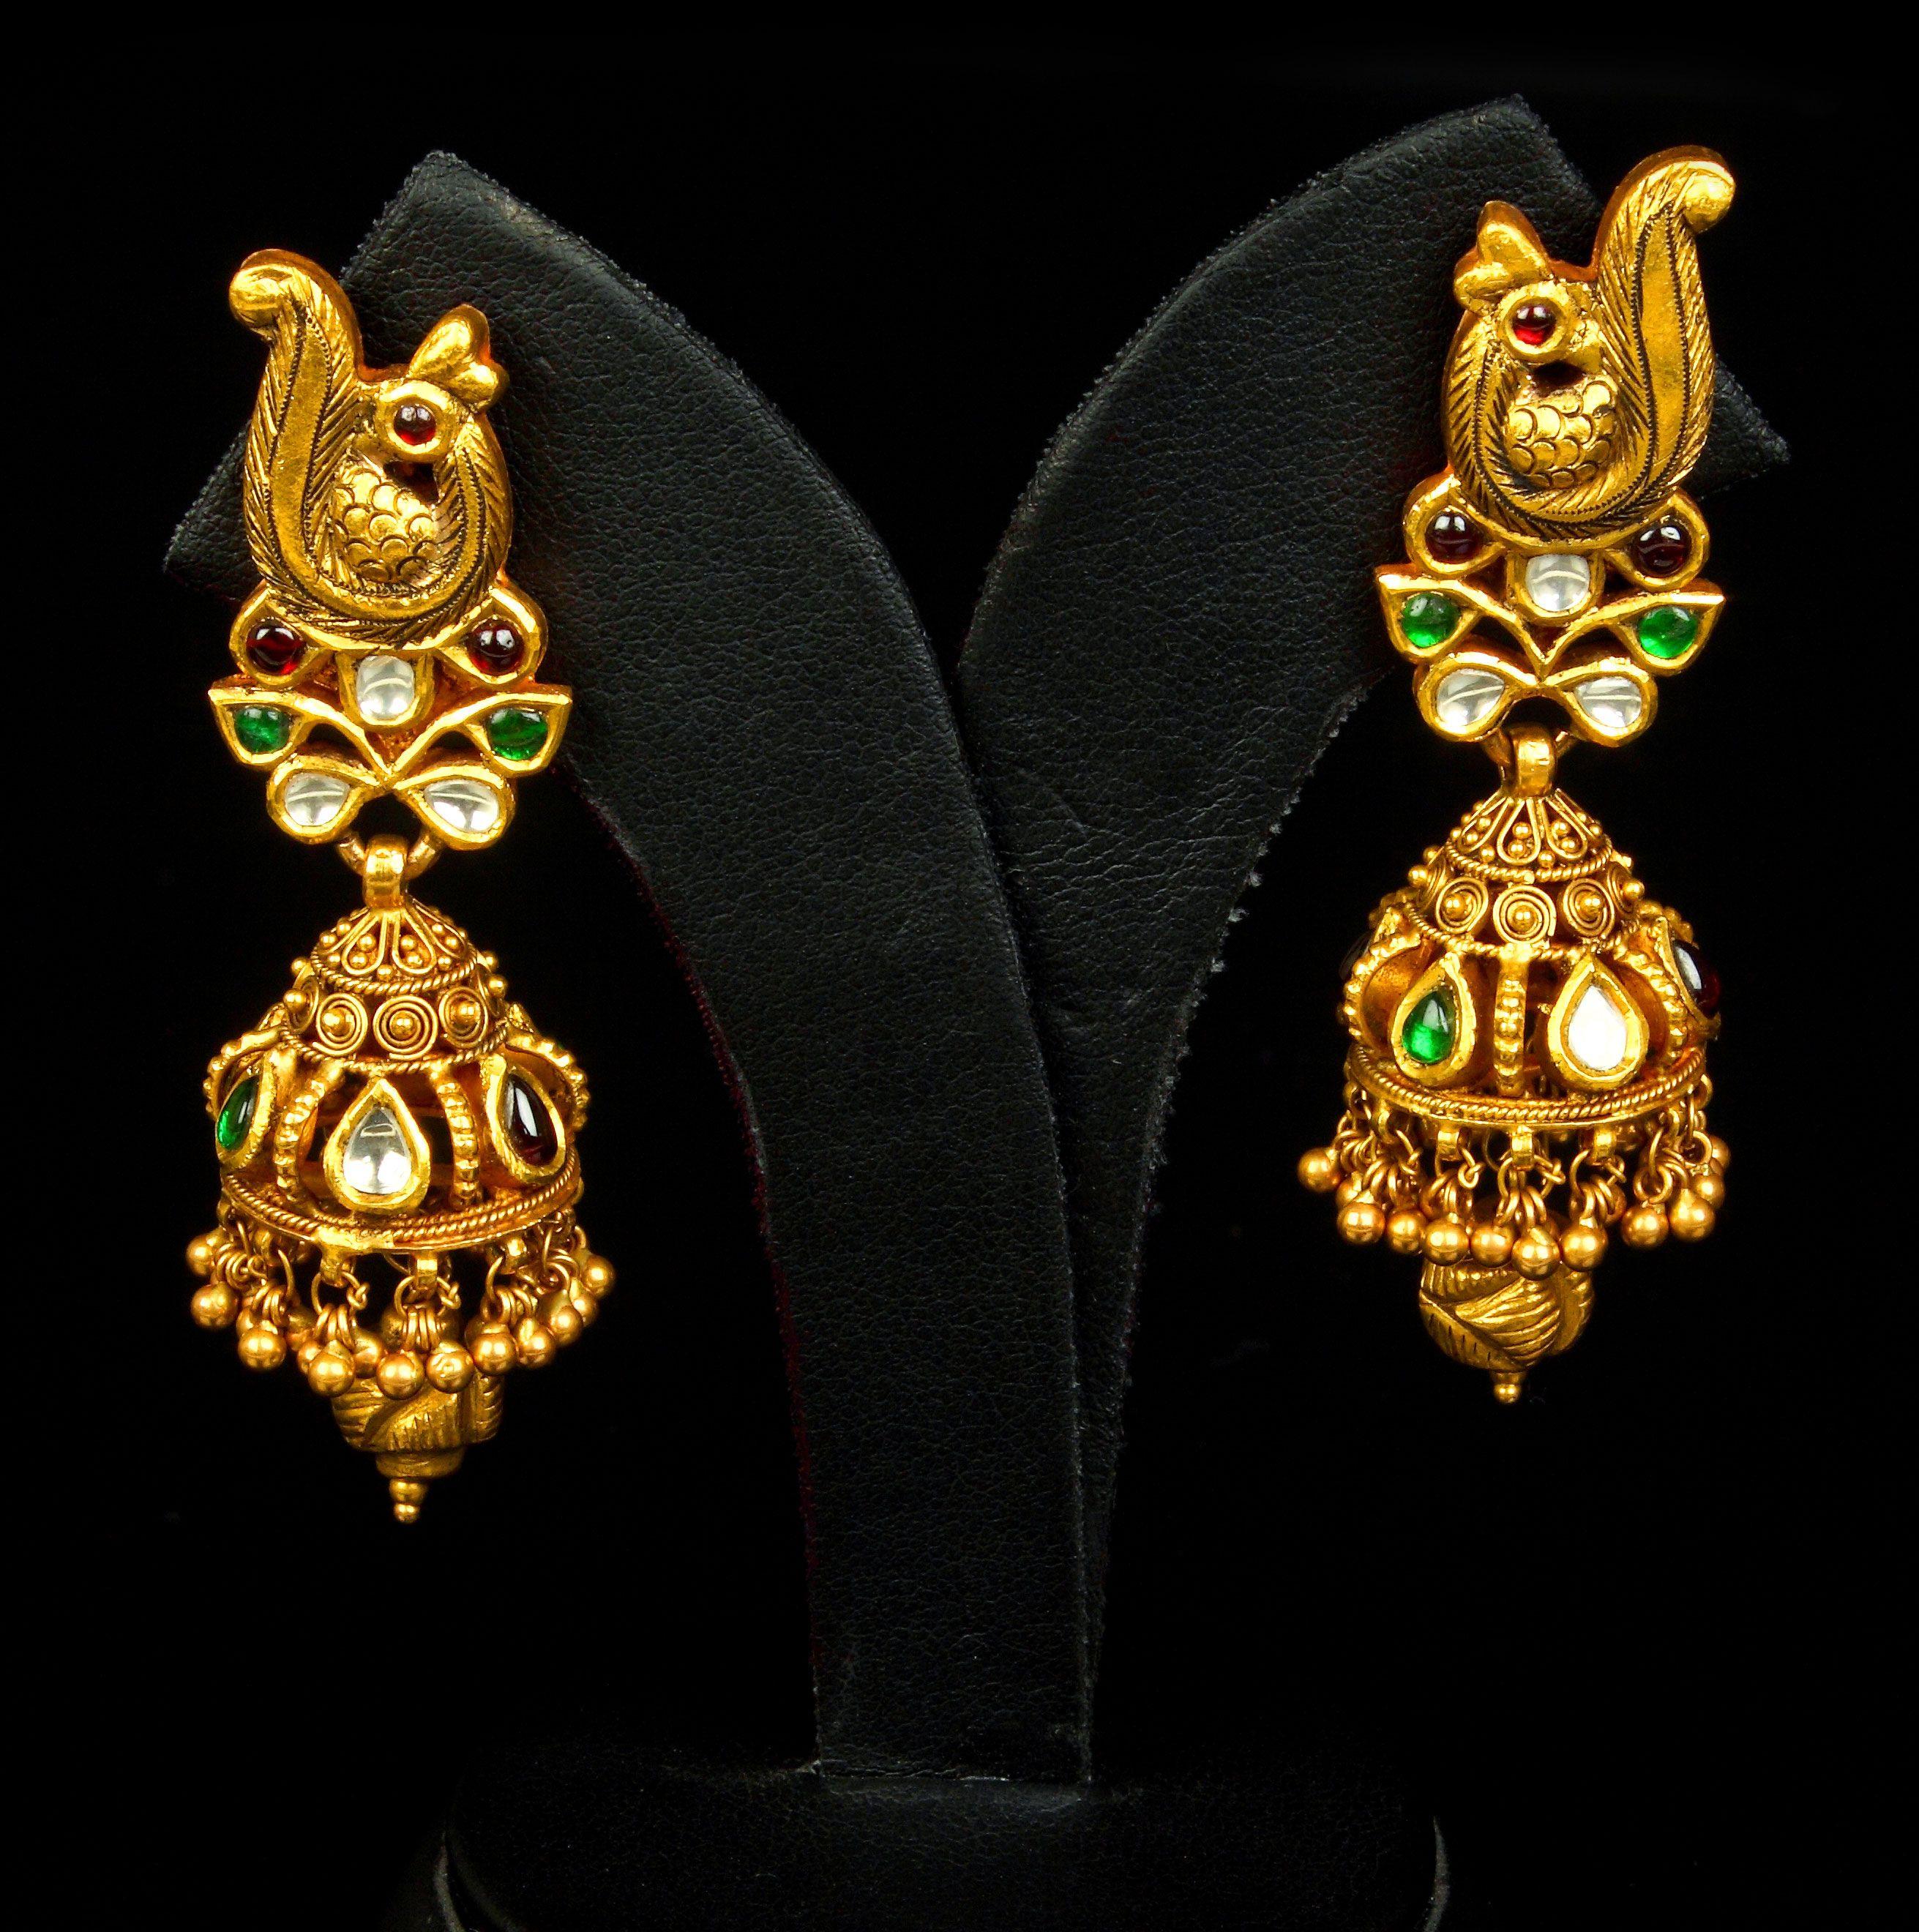 Durga bhavani bhavanijan on pinterest